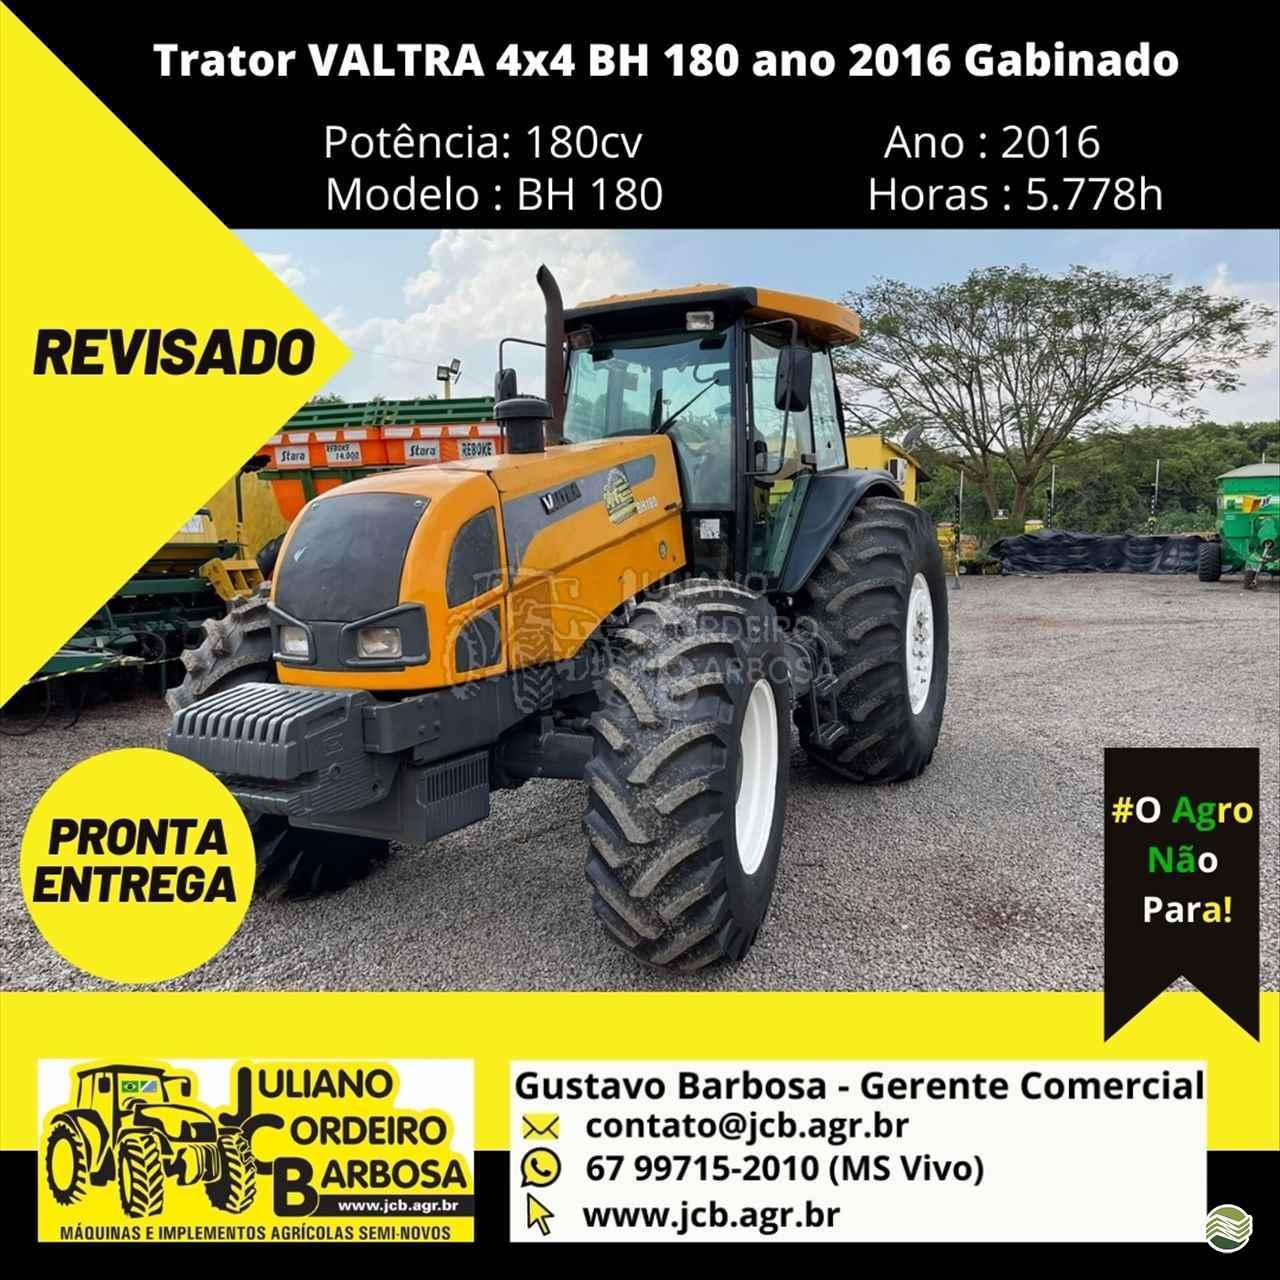 TRATOR VALTRA VALTRA BH 180 Tração 4x4 JCB Máquinas e Implementos Agrícolas MARACAJU MATO GROSSO DO SUL MS